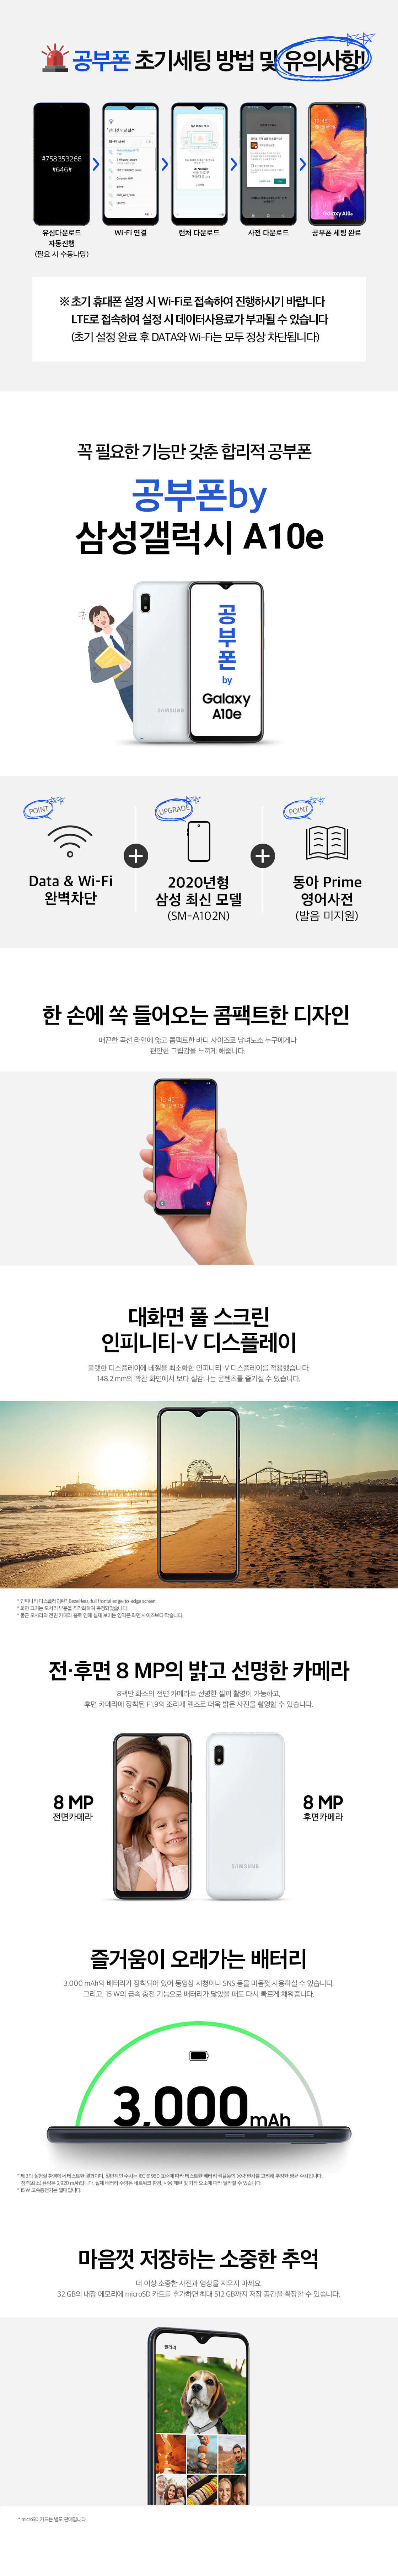 공부폰by갤럭시A10e 상품정보